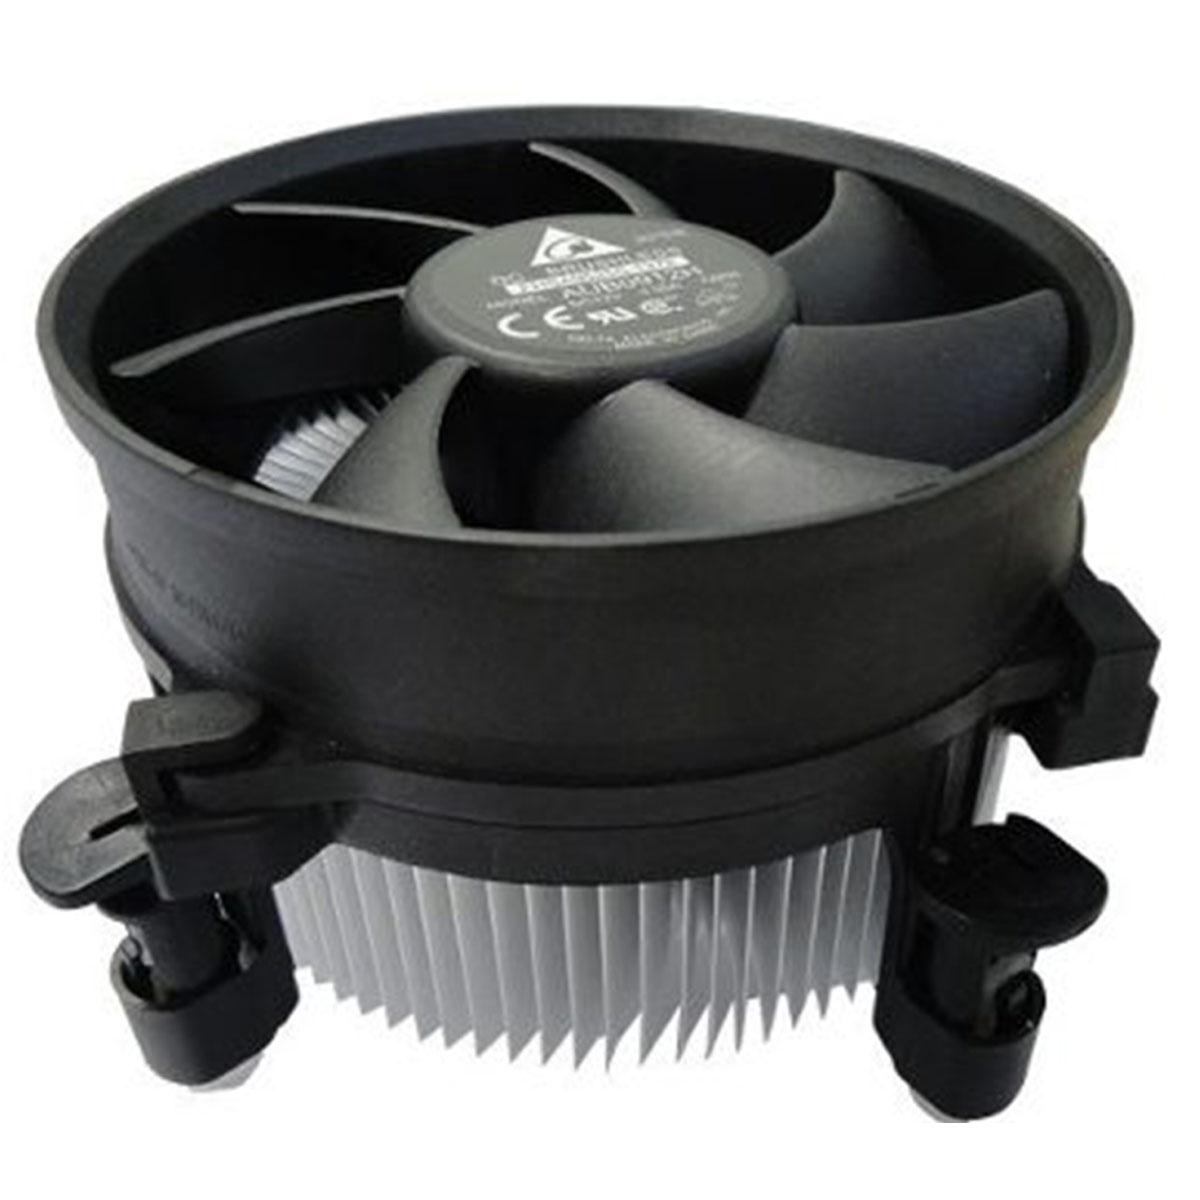 Cooler p/ Processador 1150 / 1151 / 1155 / 1156 com Trava